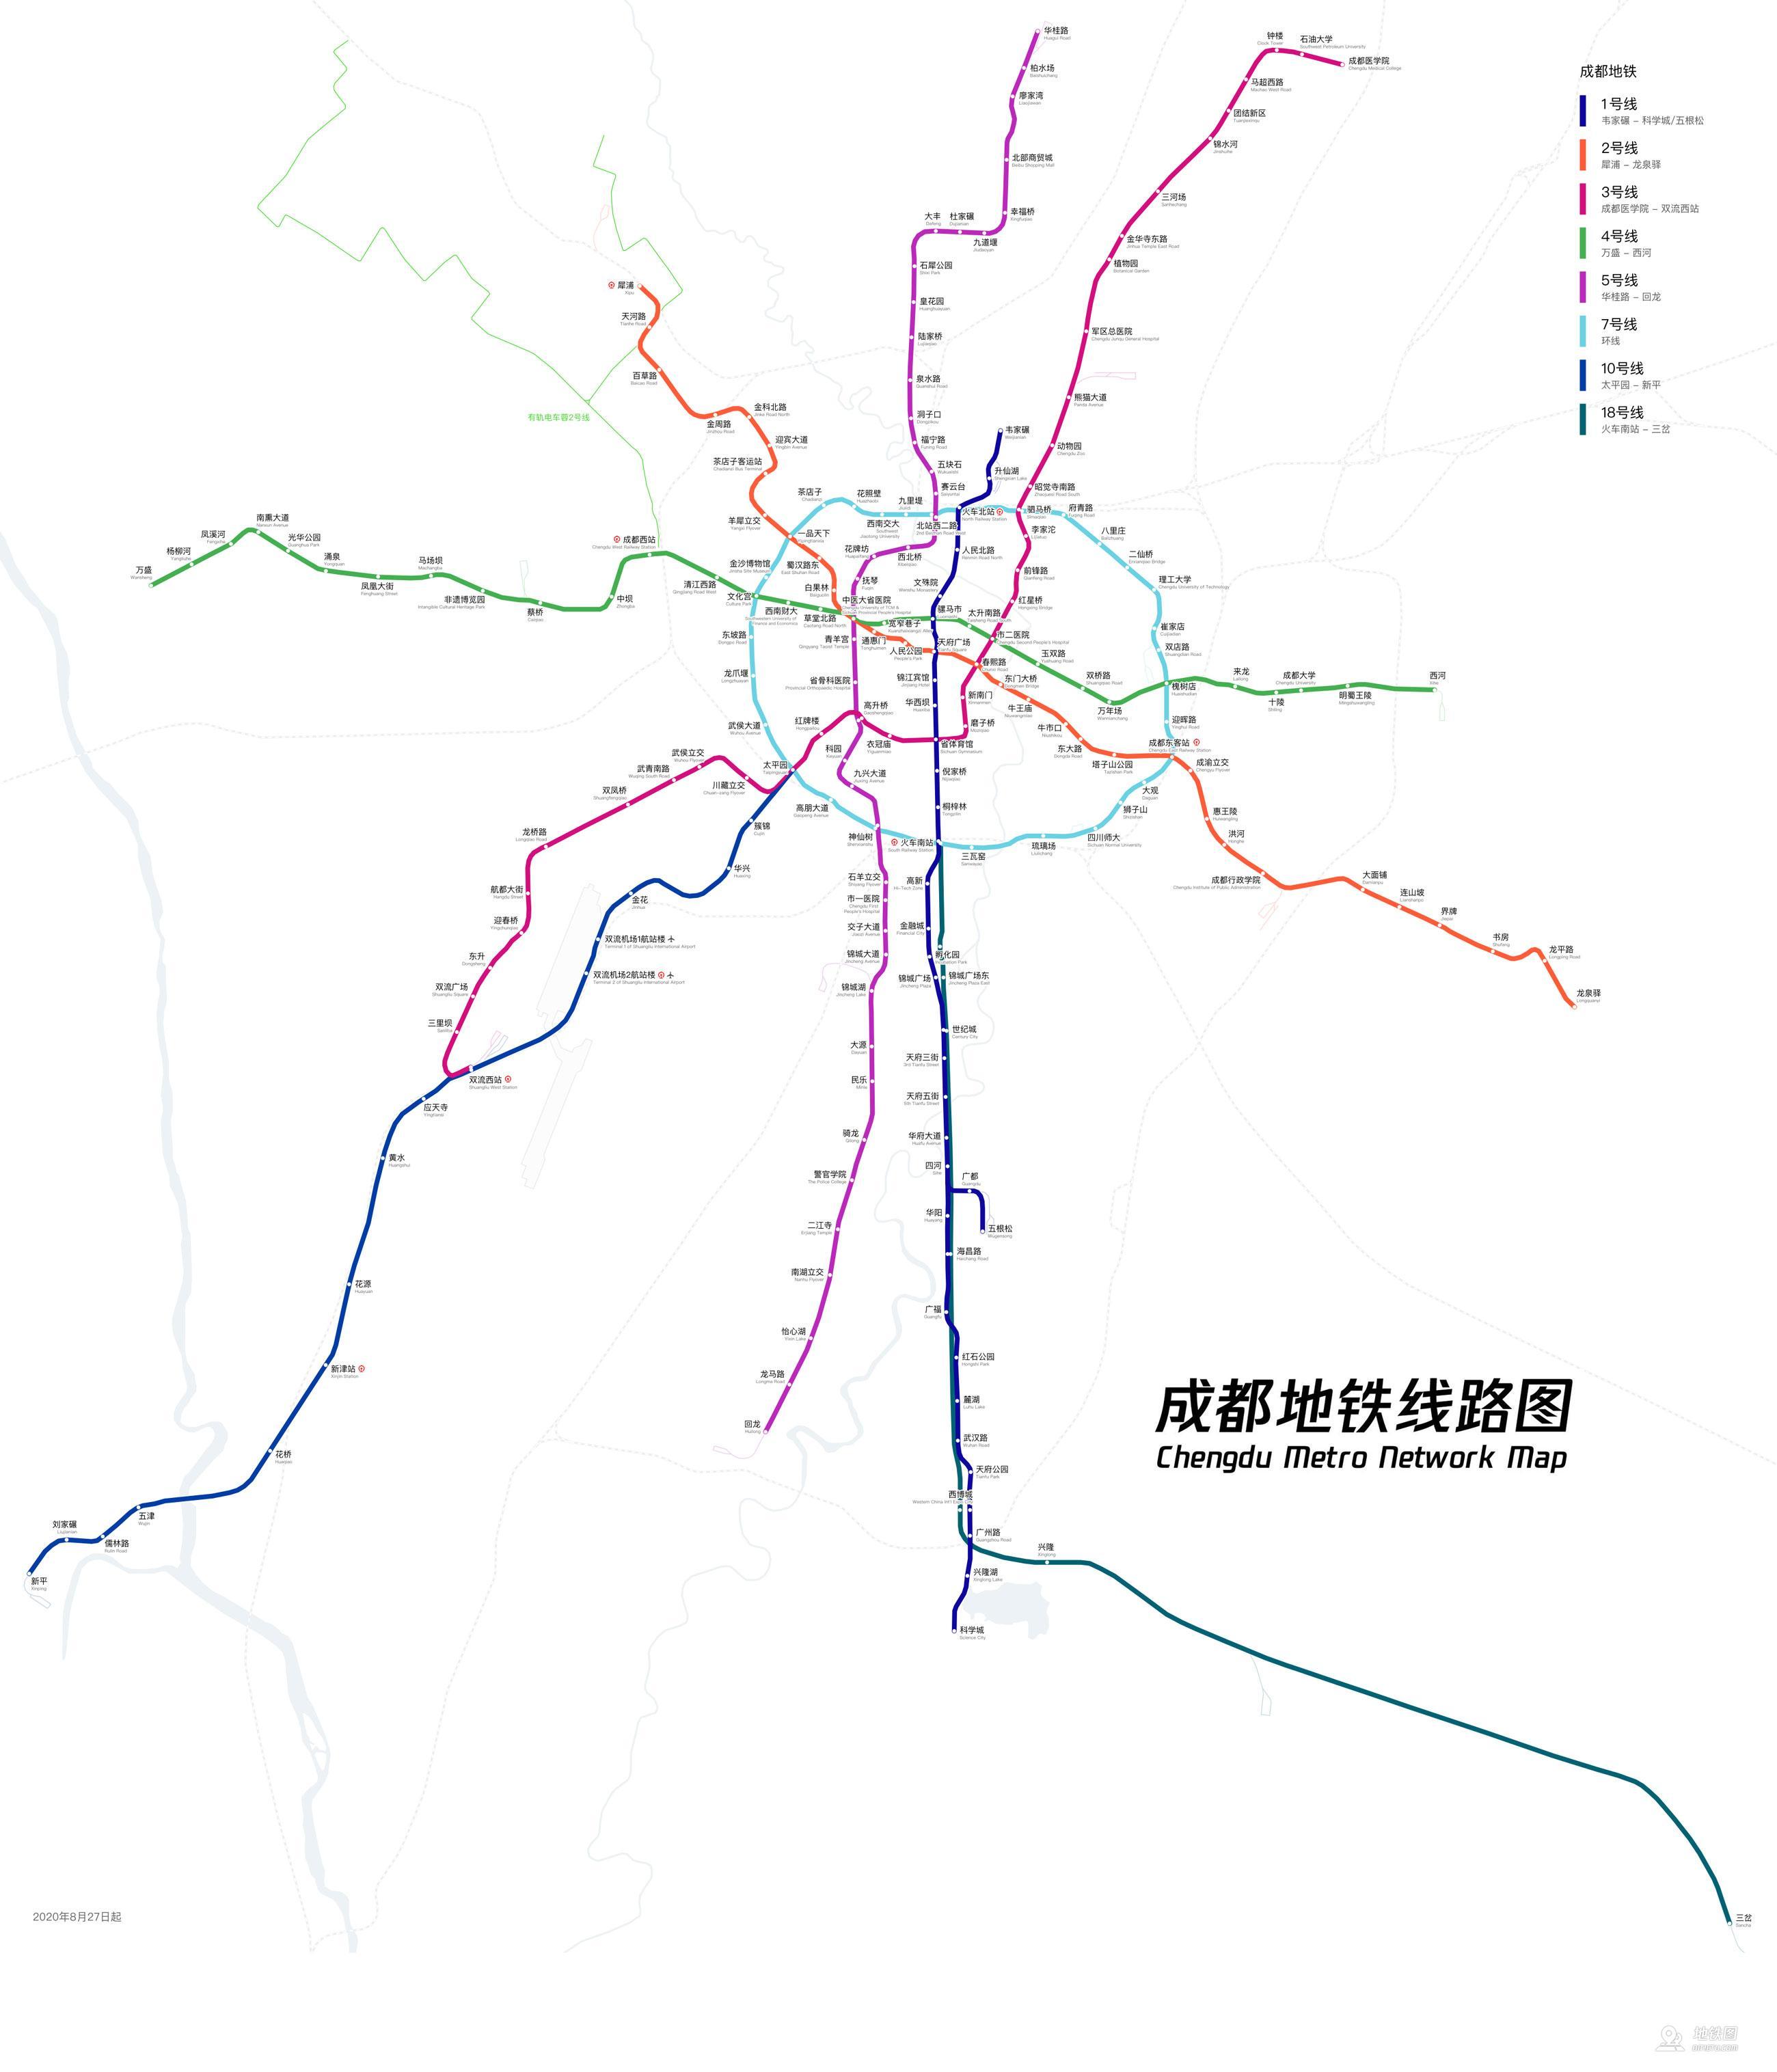 成都地铁线路图 运营时间票价站点 查询下载 成都地铁线路图 成都地铁票价 成都地铁运营时间 成都地铁 成都地铁线路图  第1张